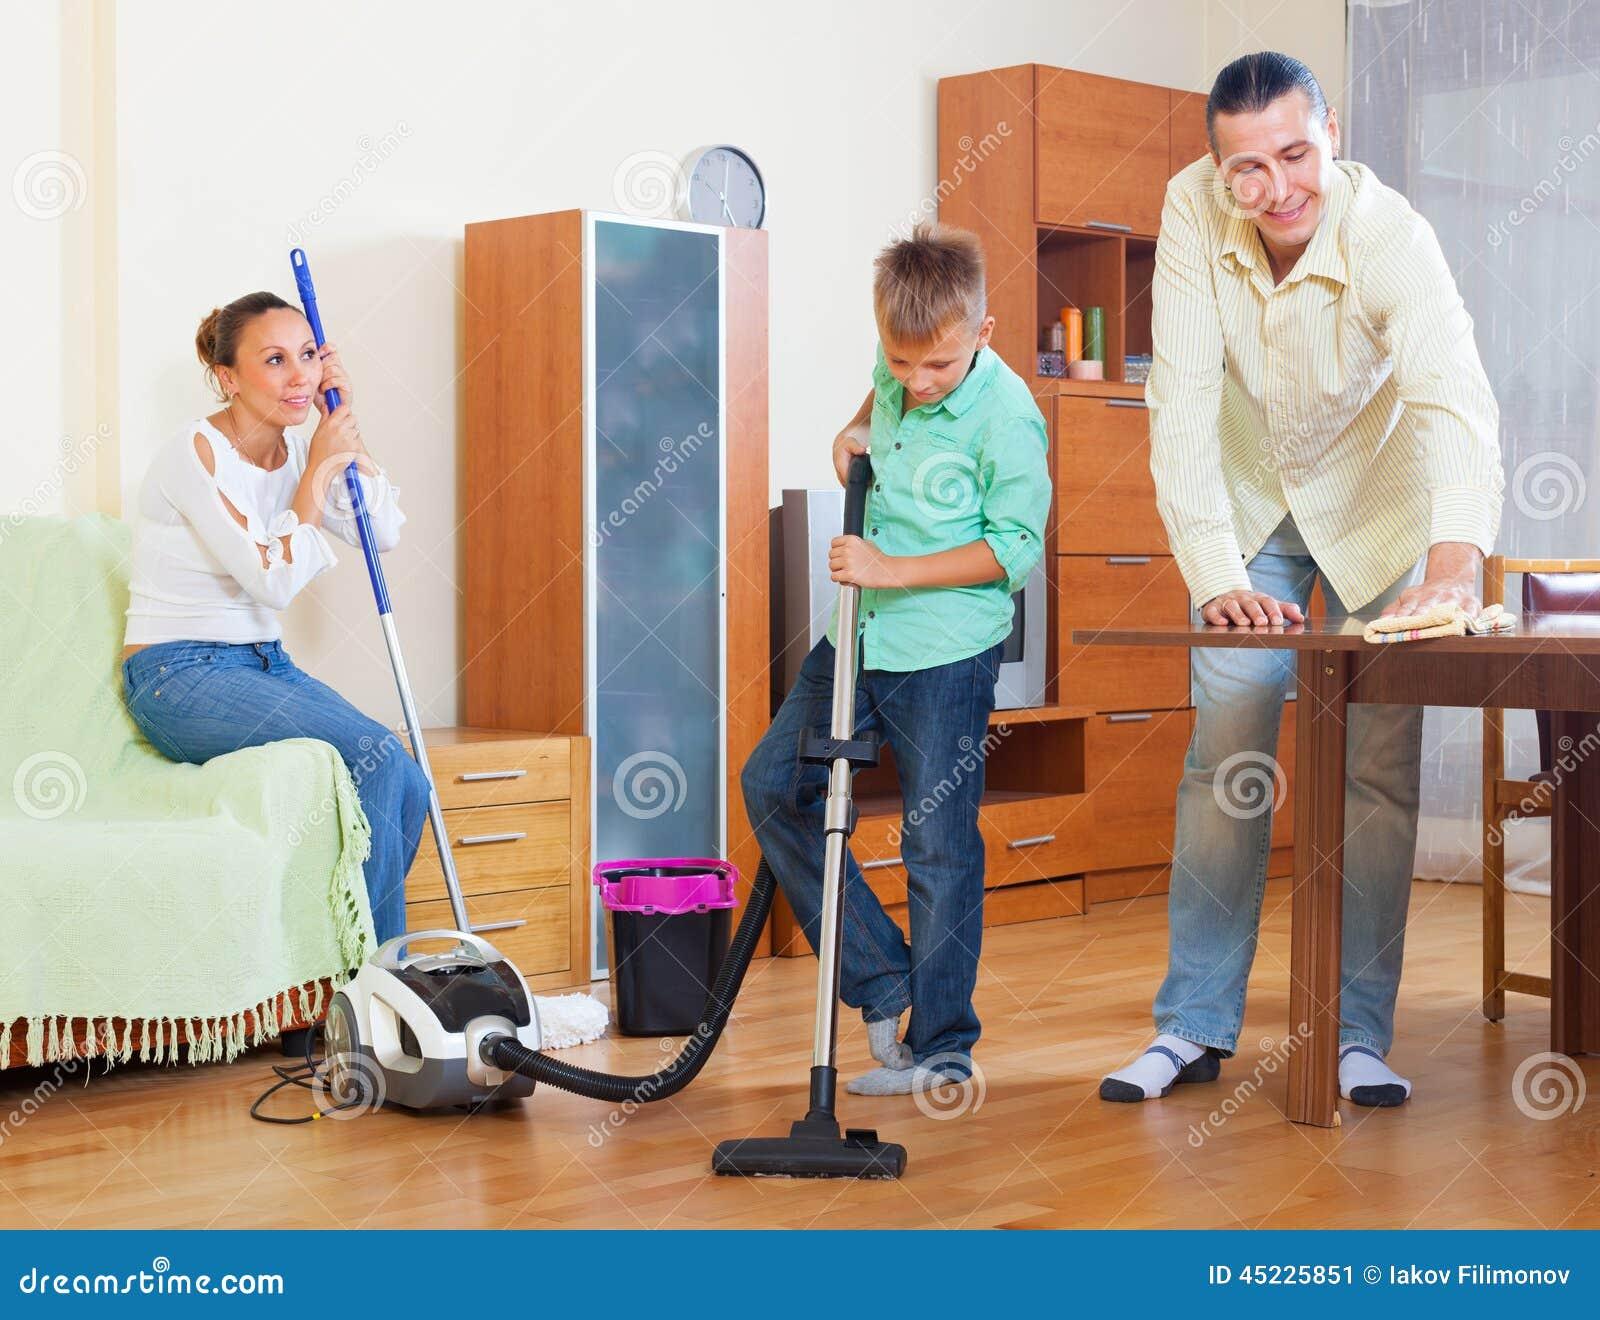 Ordinary family doing house cleaning stock photo image - Limpieza de la casa ...